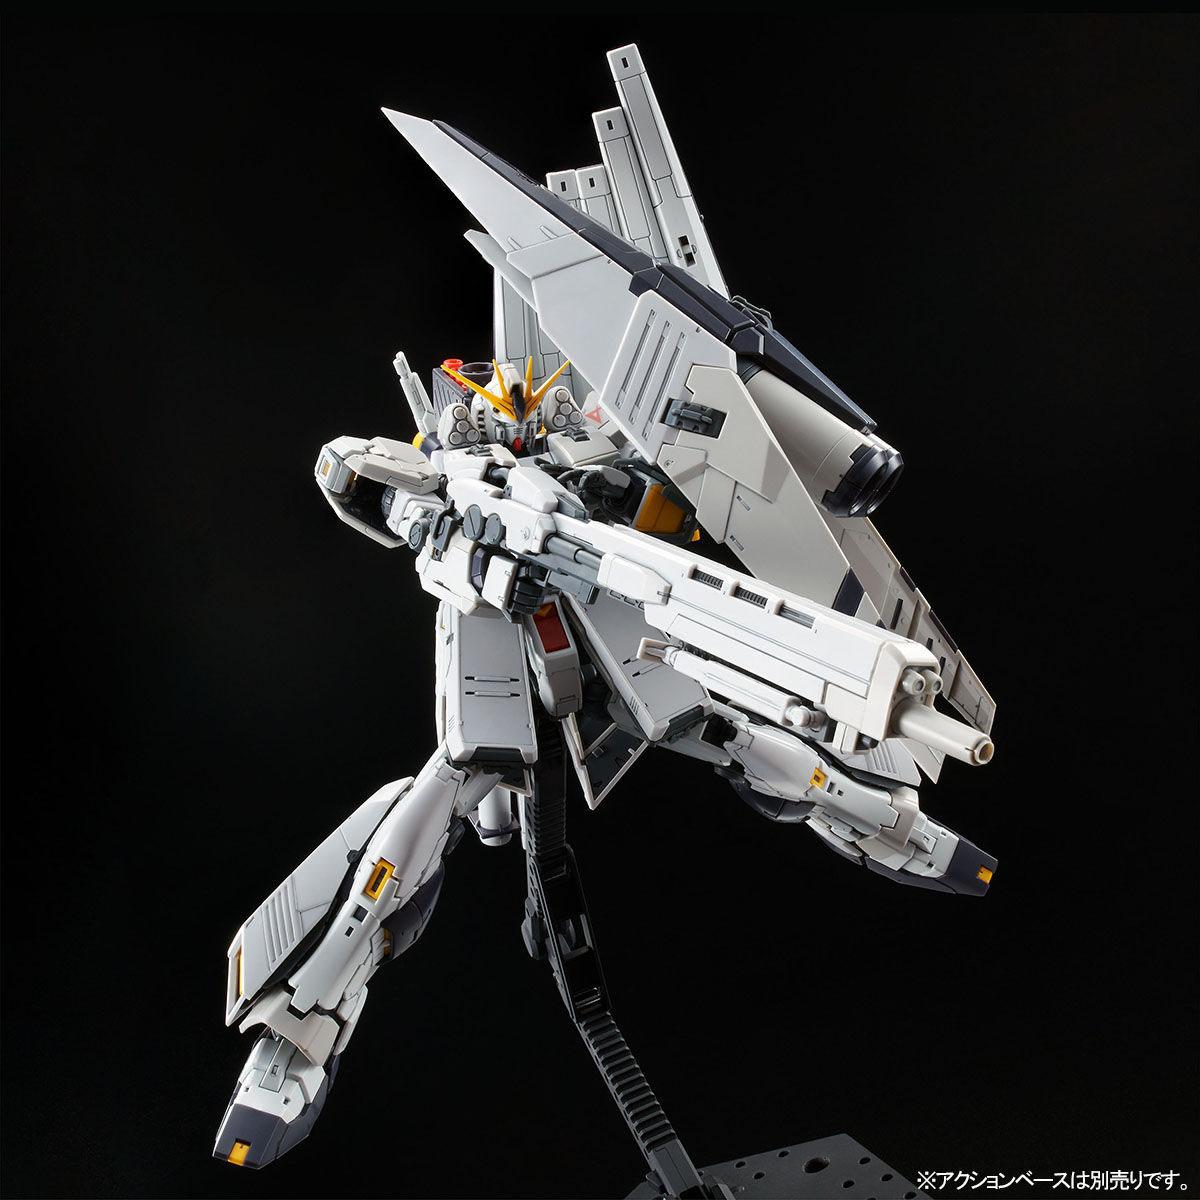 【限定販売】RG 1/144『νガンダム HWS』逆襲のシャア プラモデル-004